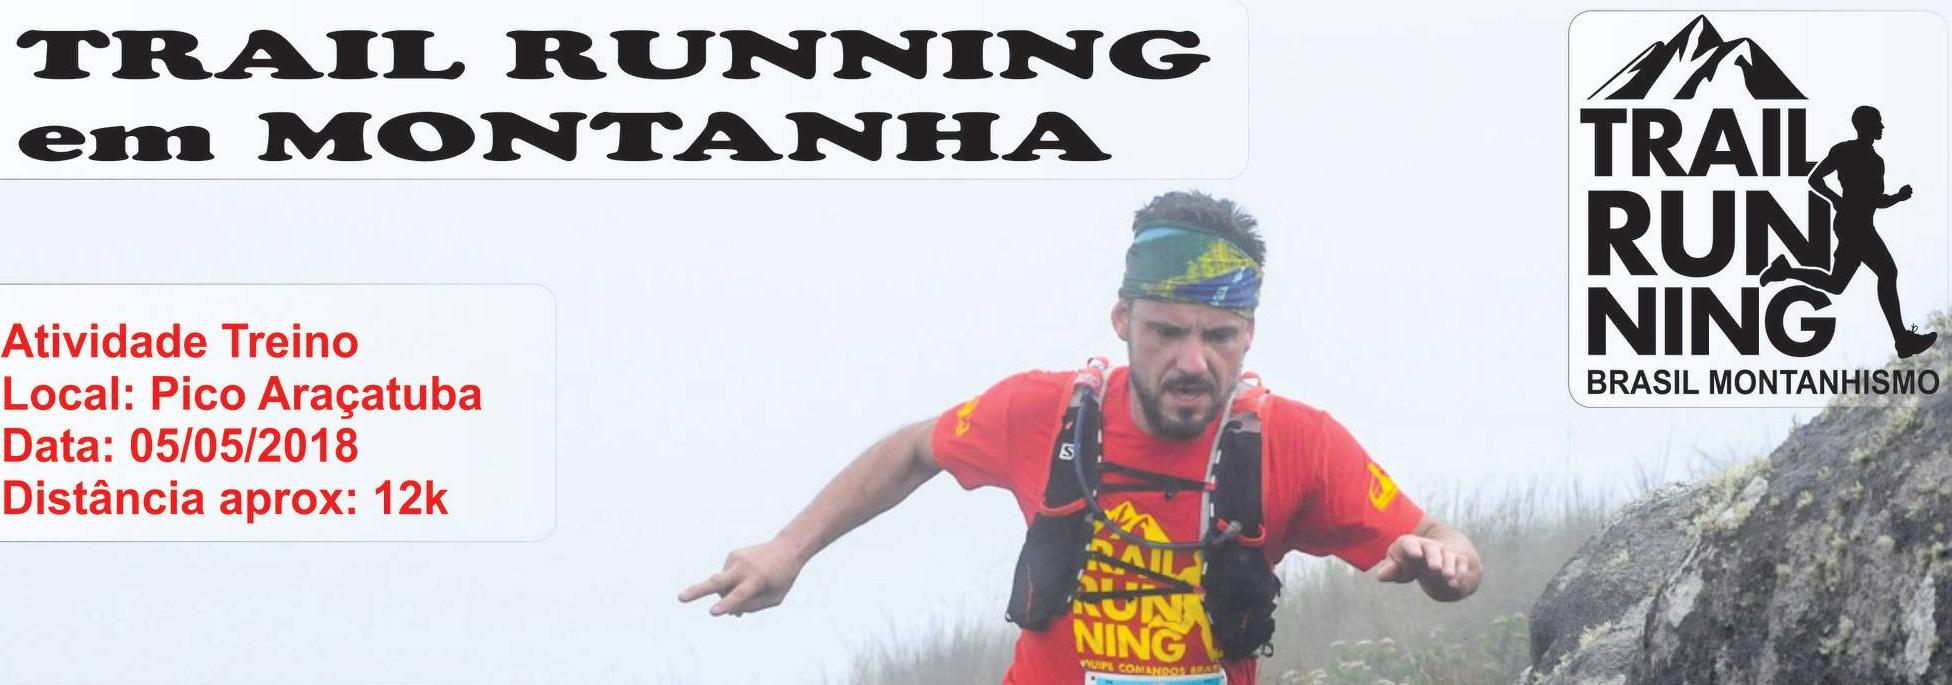 Promoção: concorra a uma vaga em treino de Trail Run guiado!